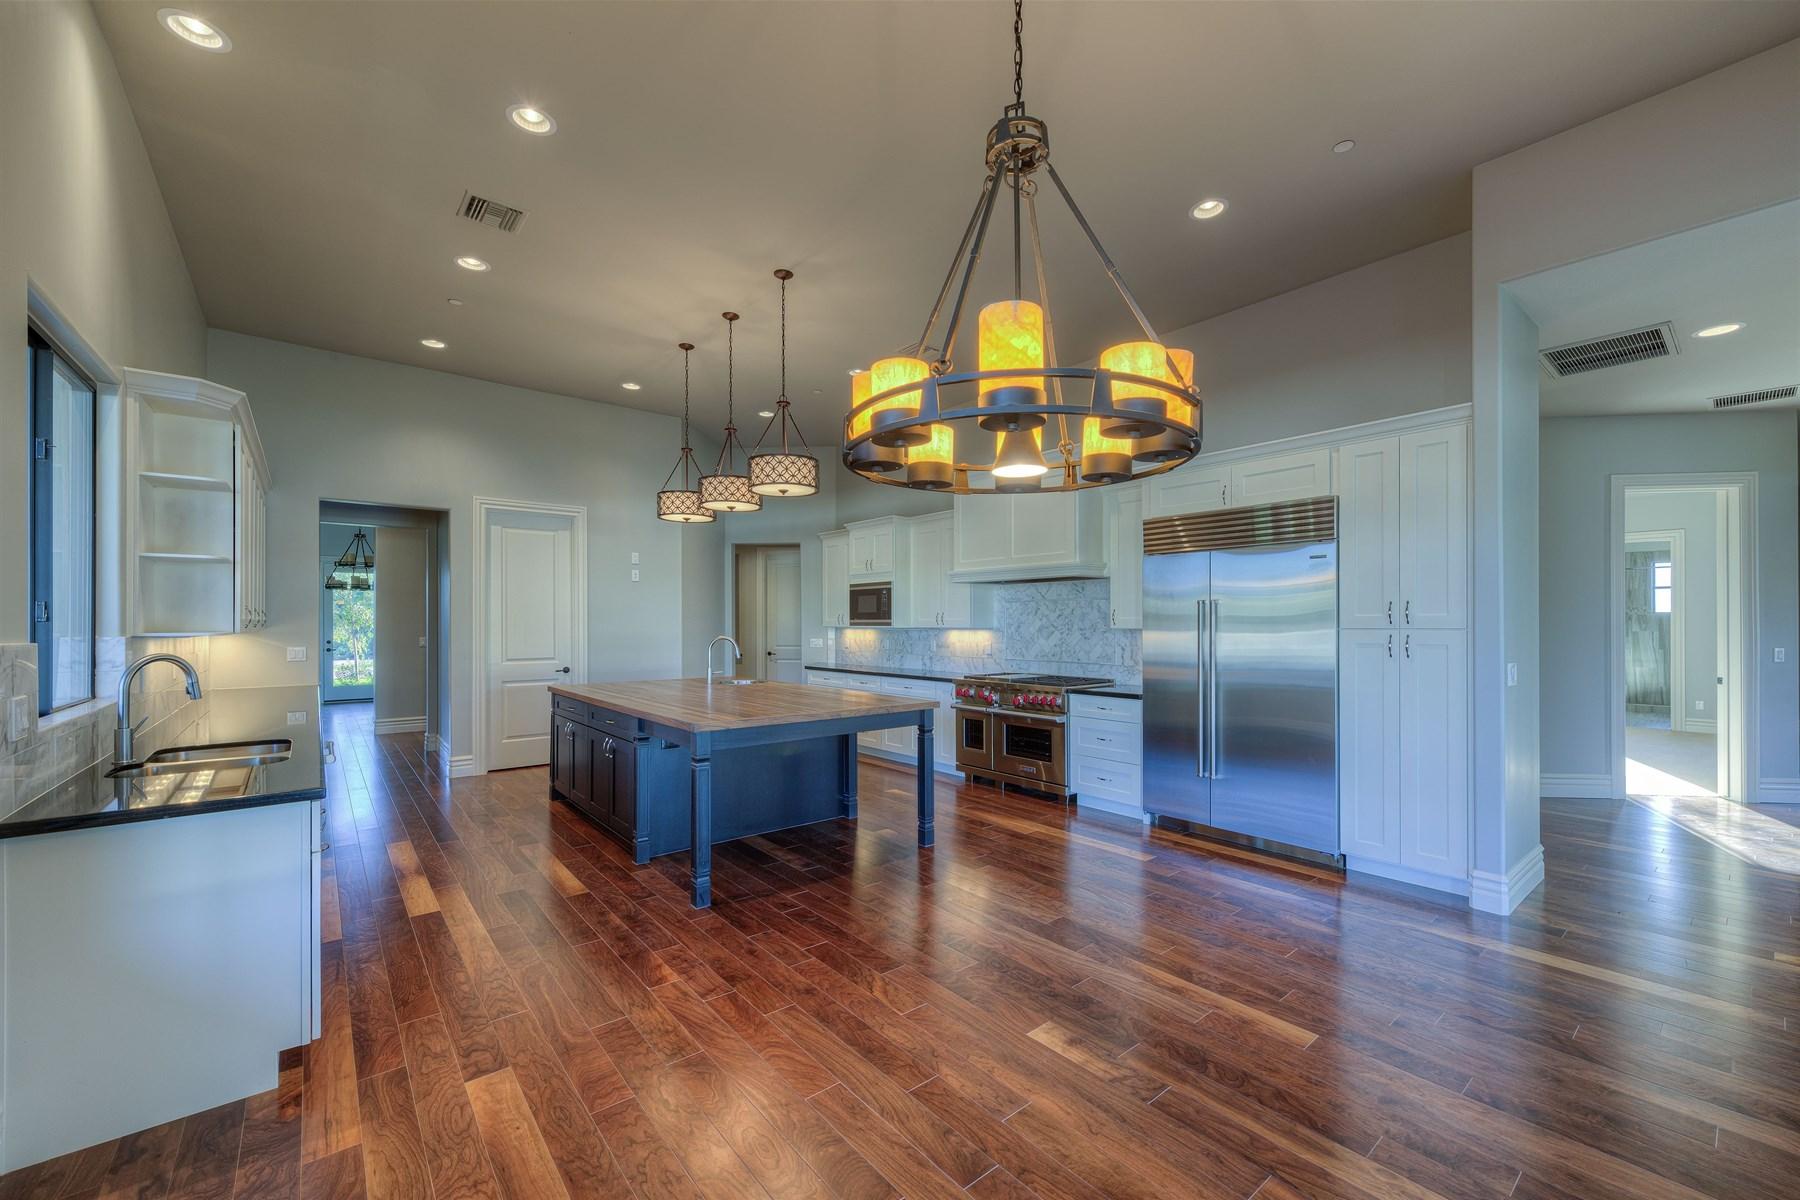 Property Of Santa Barbara inspired North/South home